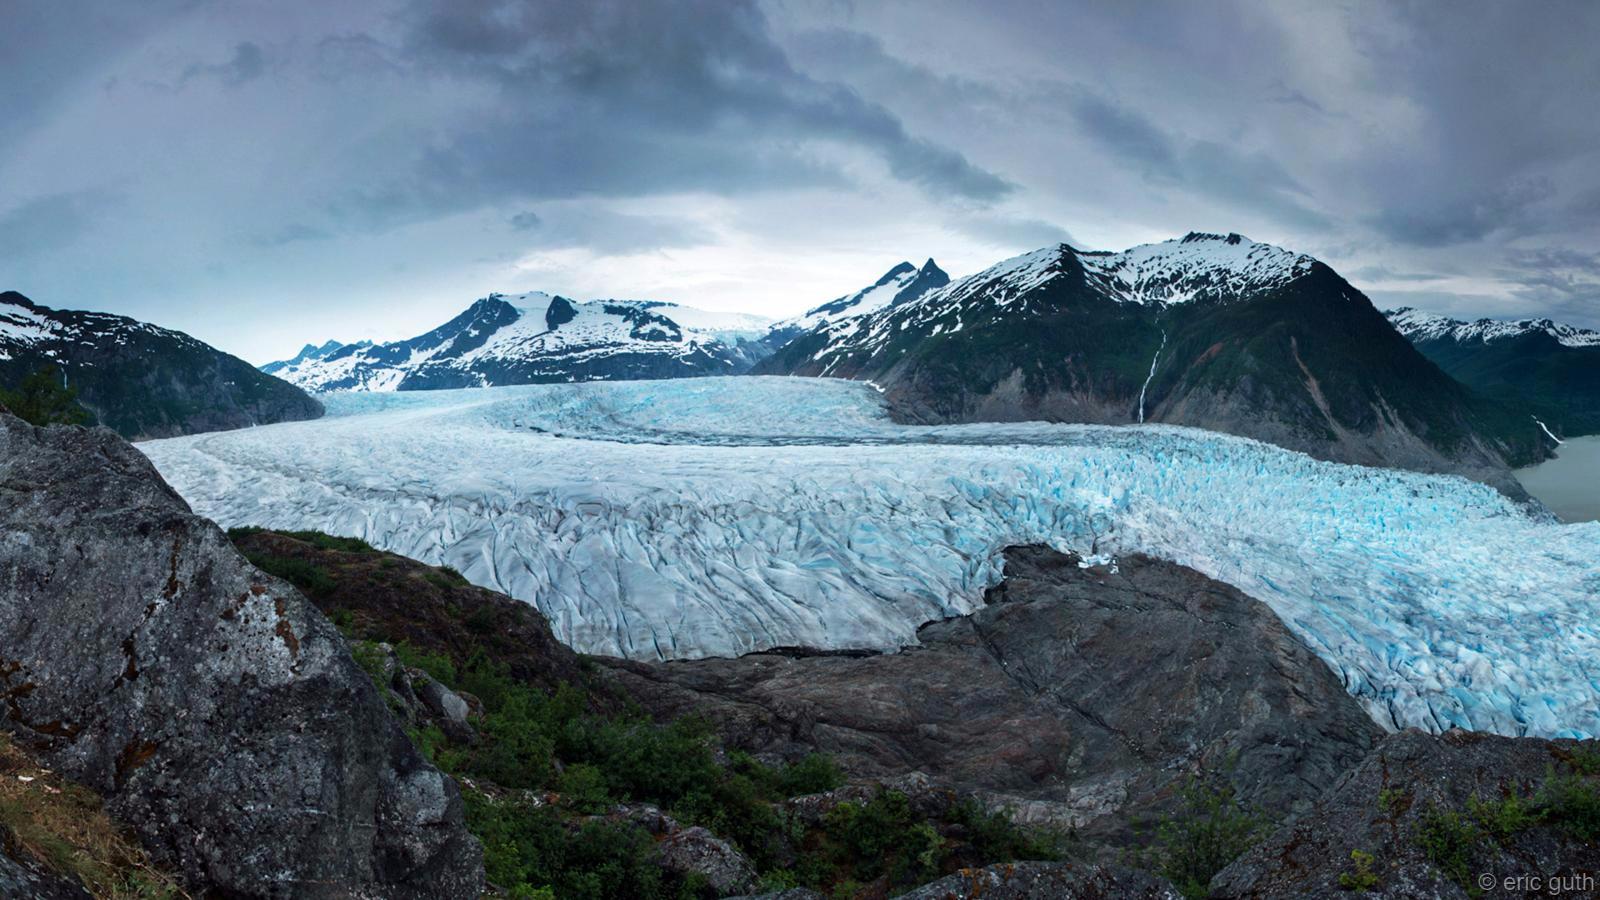 Li Alaskayê herêma SÎpan a Juneauyê qasî 4000 kîlomîtro cih digire û heftemîn sîpanê herî mezin yê nîvkada rojava ye. Li vê derê salê 35 mîtro berf dibare. Sir û serma tevî bilindahiyê nahêle ew berf bihele. Lêbelê ji bo ger û geştê li herêmê cihê herî xweş Sîpanê Mendenhallê ye. Ji sala 2005'an heta niha ve her sal 35 mîtro qeşa bi paş ve diçe. Ew li gor 50 salan du qat zêdetir e.